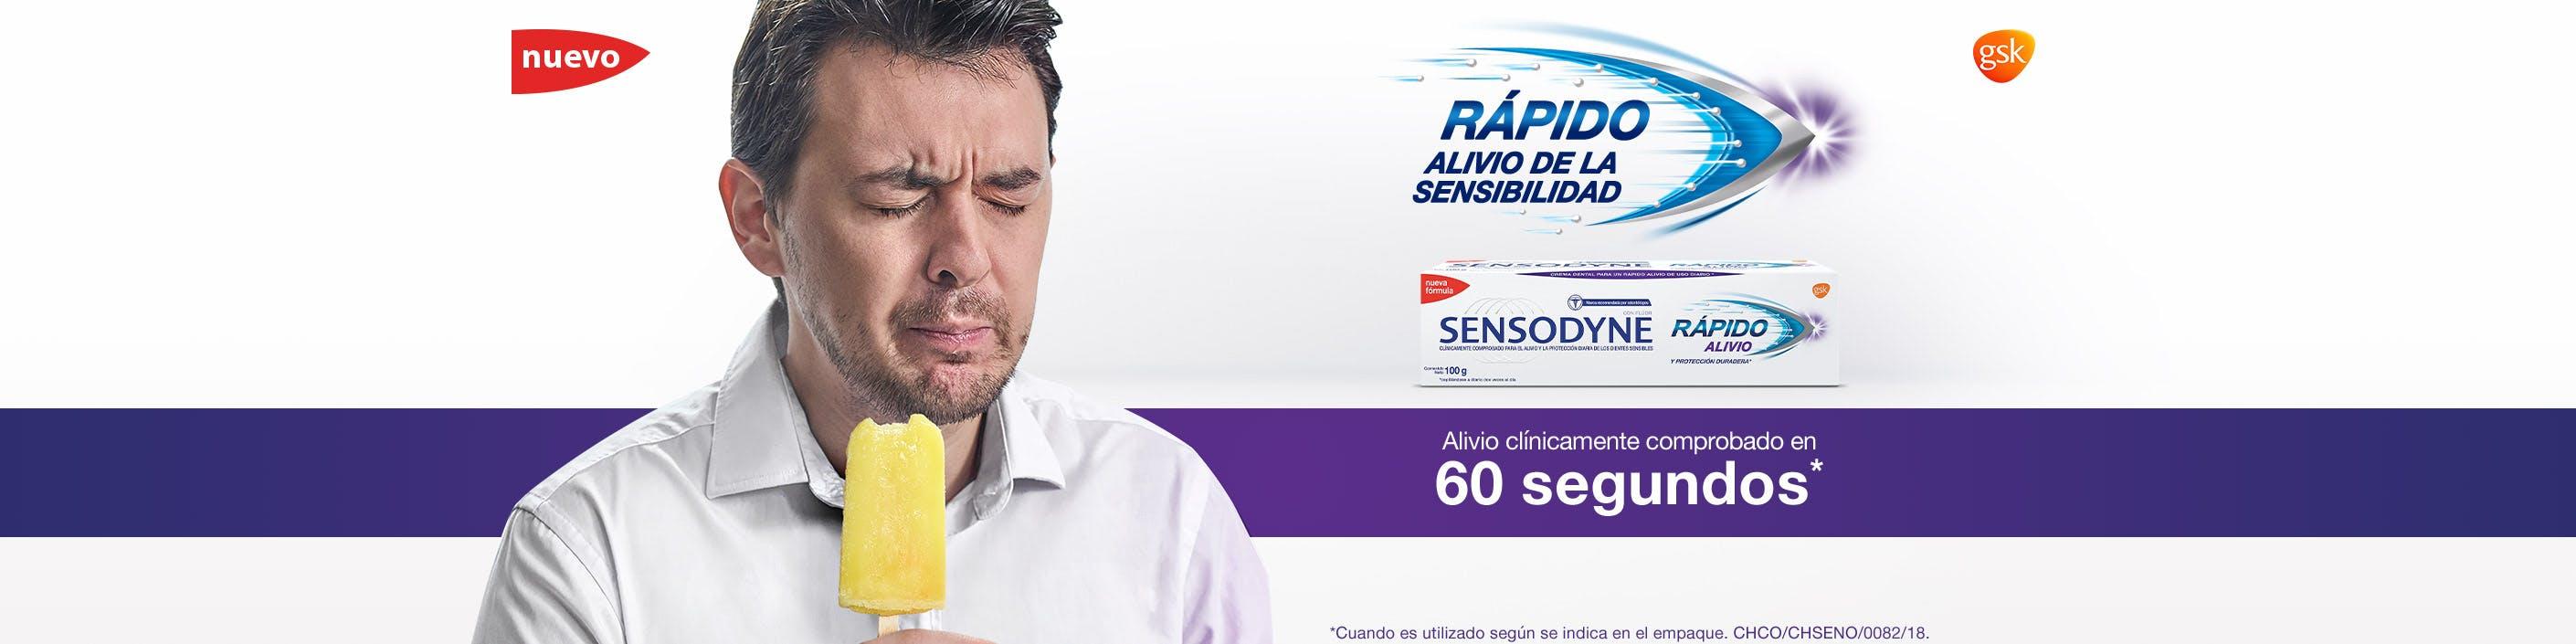 Sensodyne - Rápido Alivio de la sensibilidad - Alivio clinicamente comprobado en 60 segundos